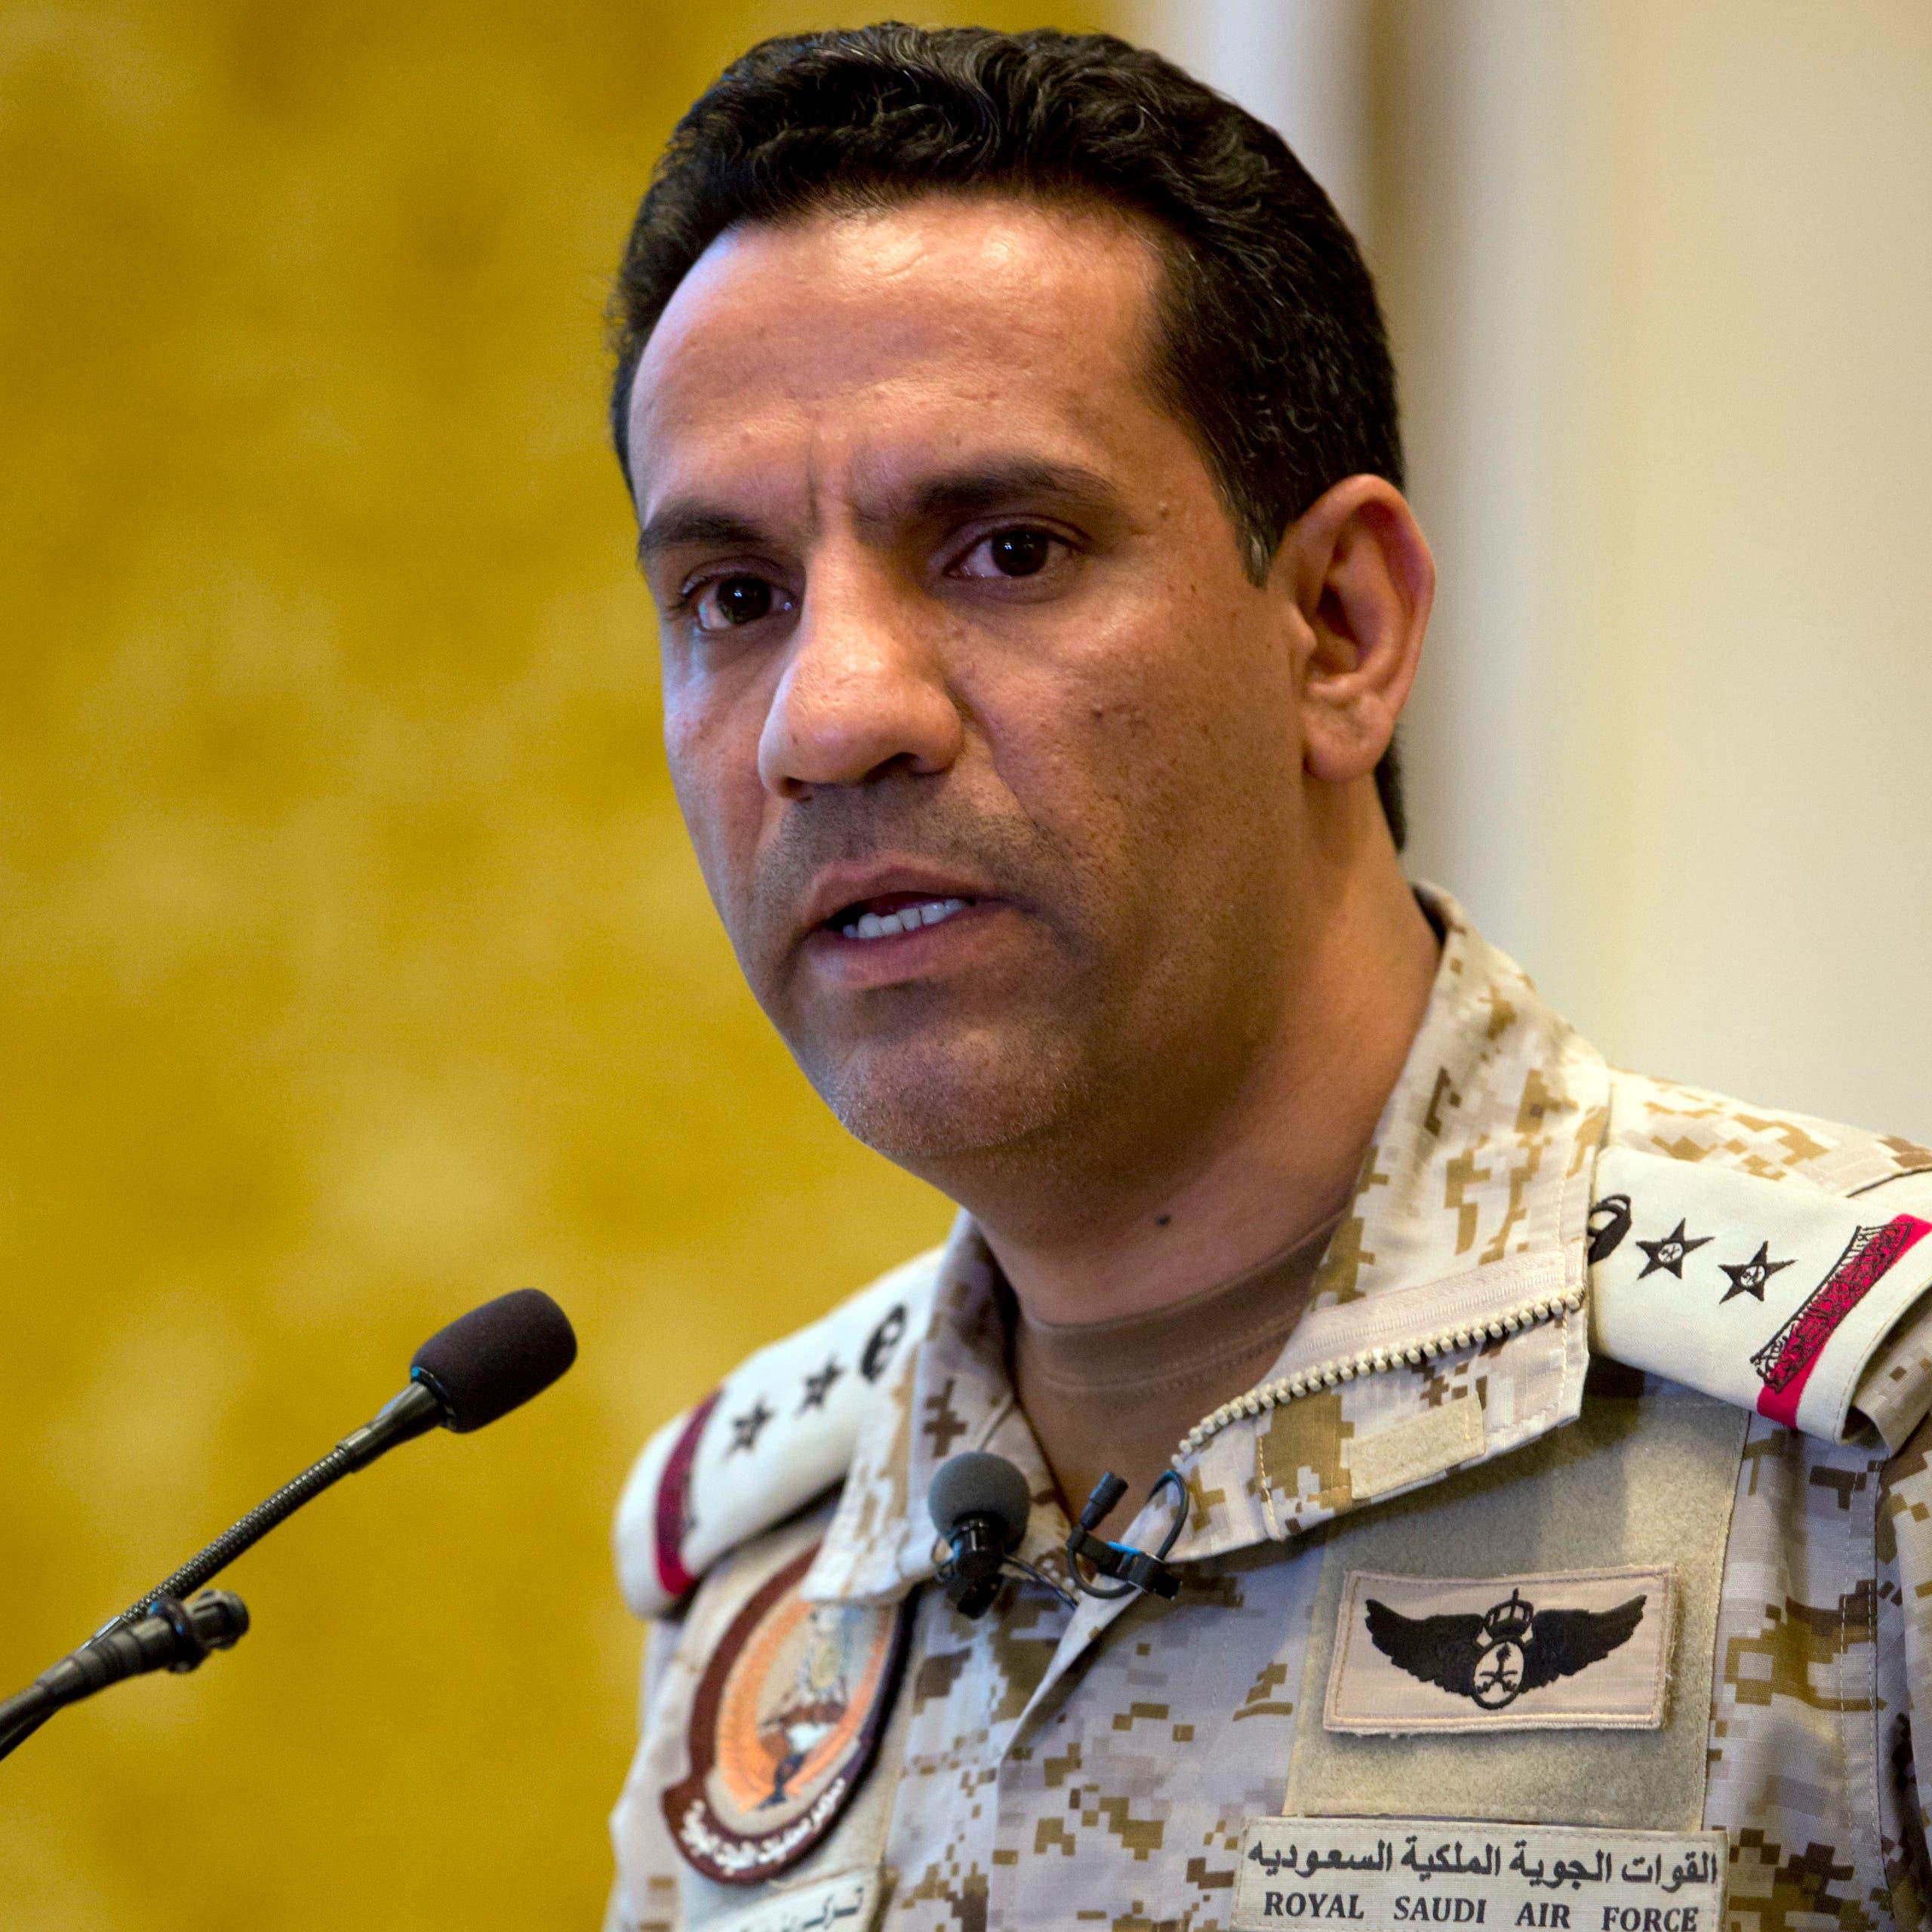 التحالف يطلق جسرا جويا لنقل مرضى اليمن للعلاج بالخارج